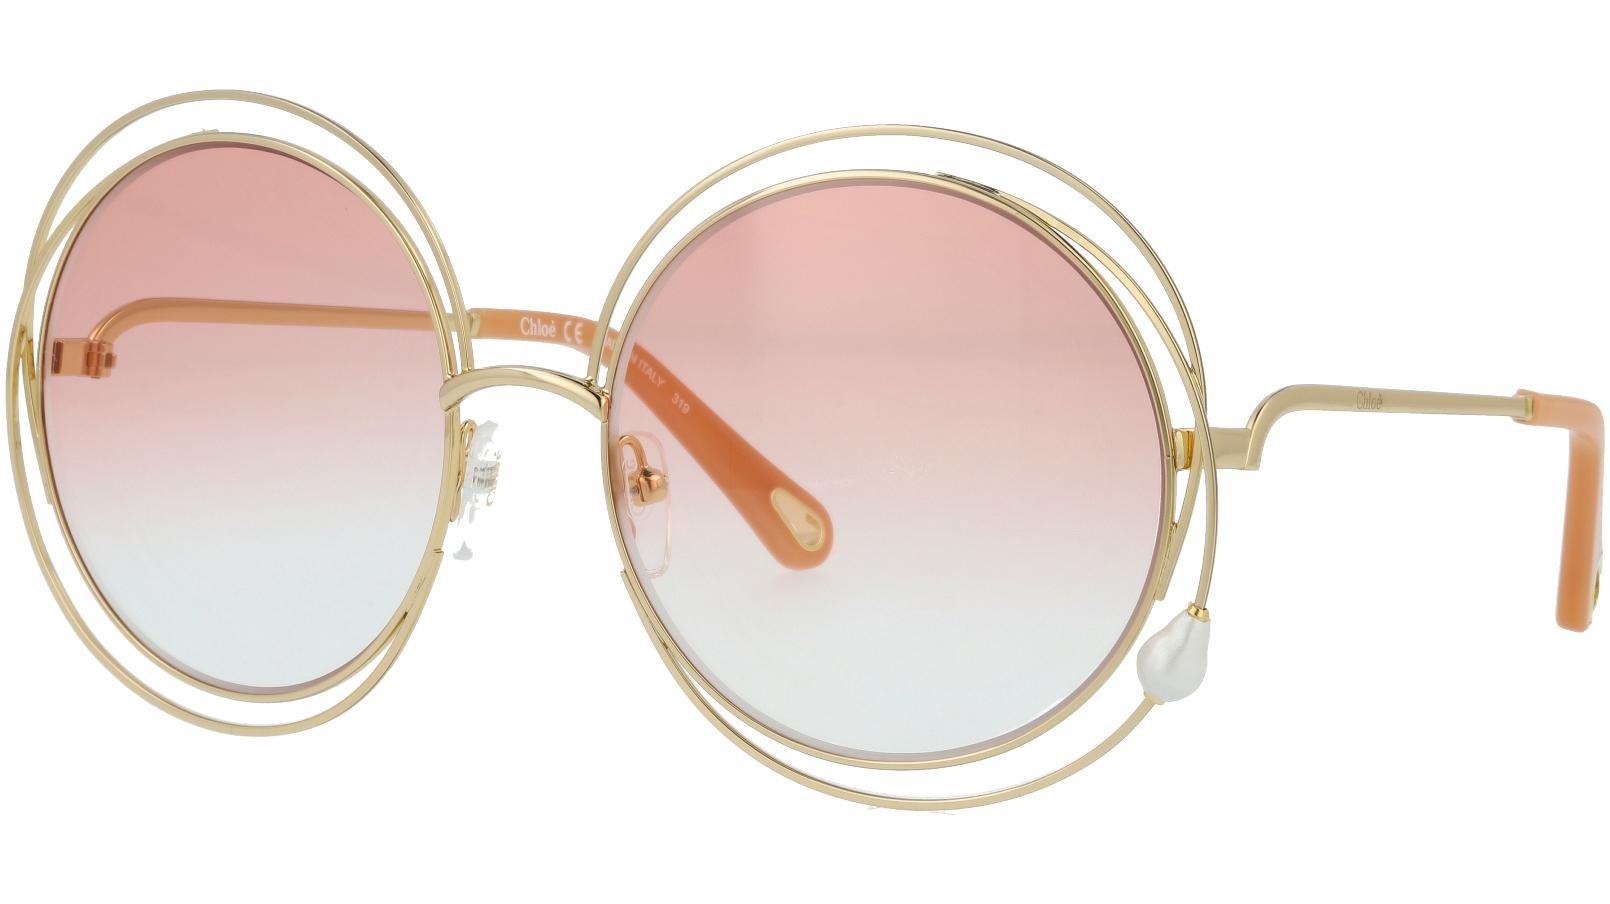 CHLOE CE114SPRL PEARL 862 58 Gold Round Carlina Sunglasses